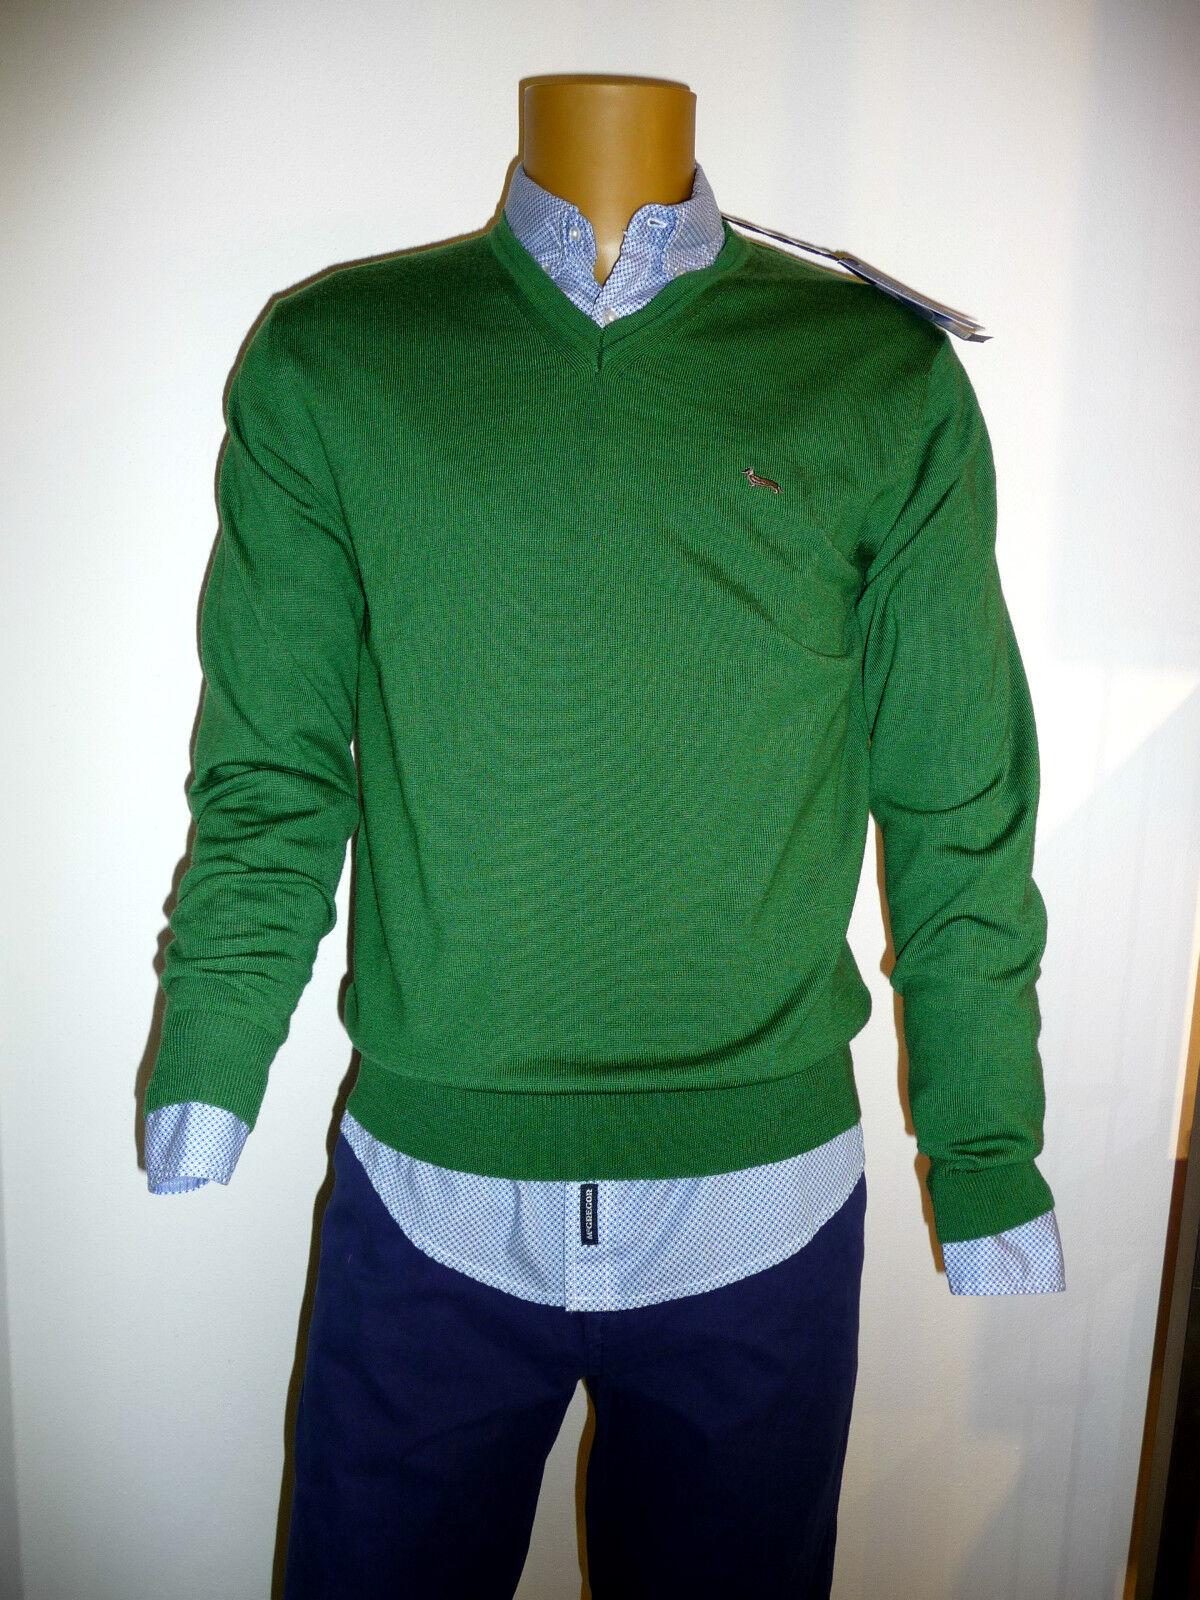 Maglione lana firmato HARMONT & BLAINE nuova collezione A I 2016 color green